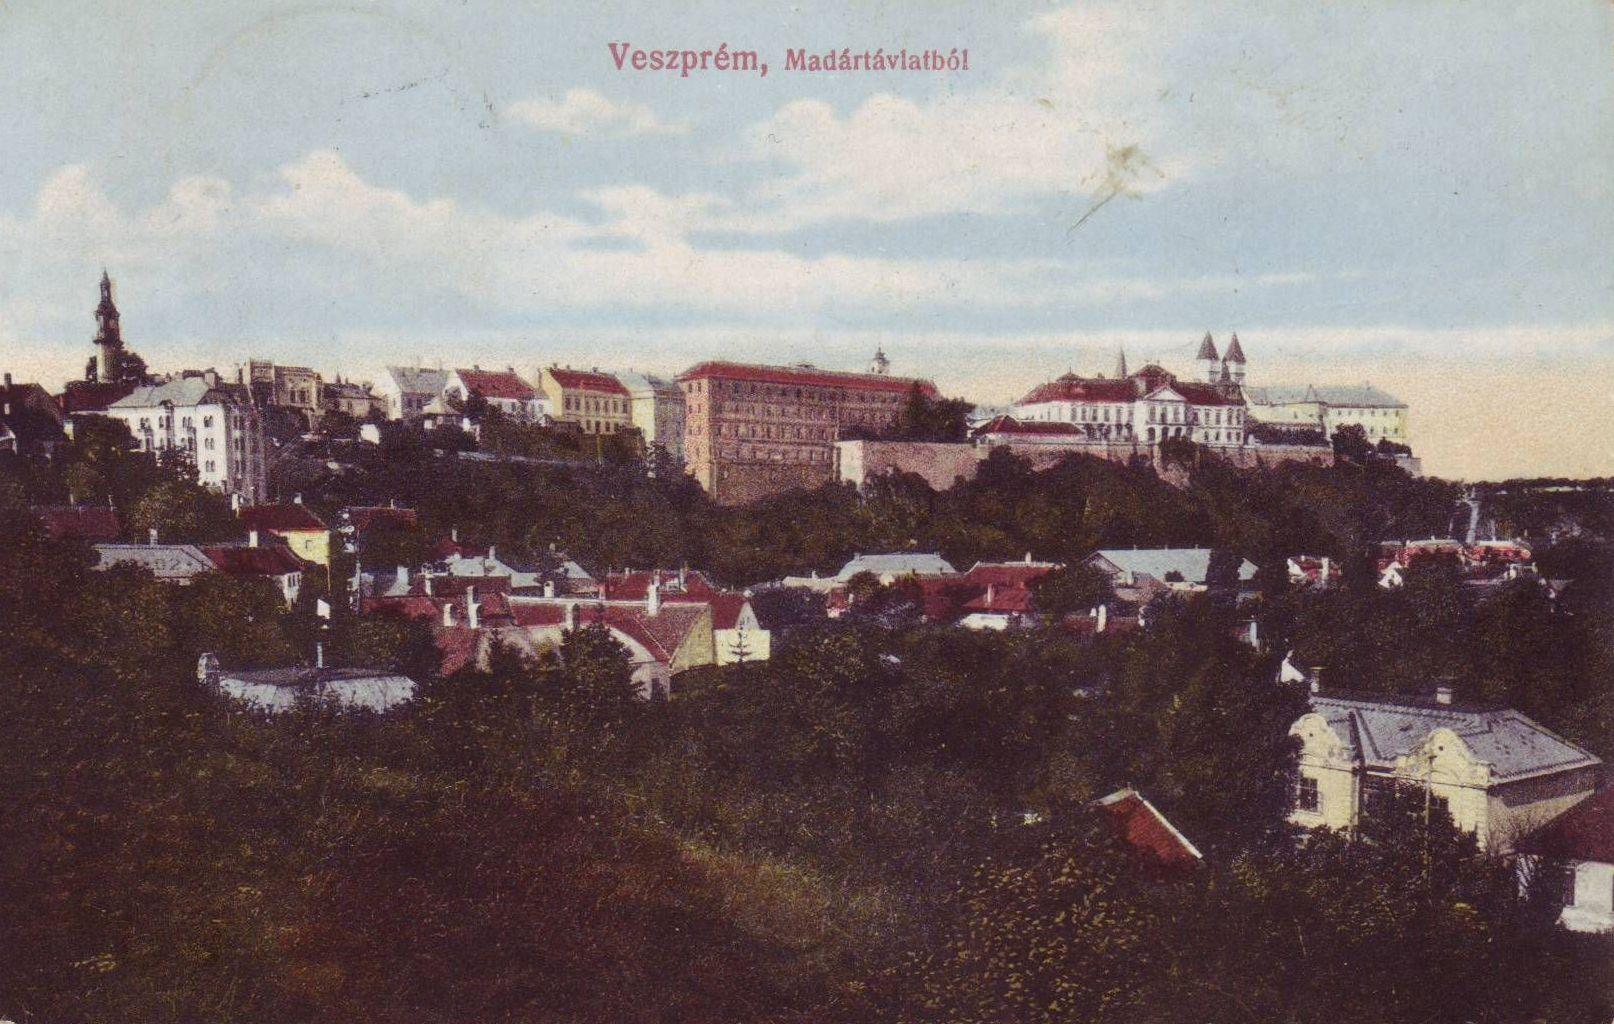 Veszprém látkép 1914